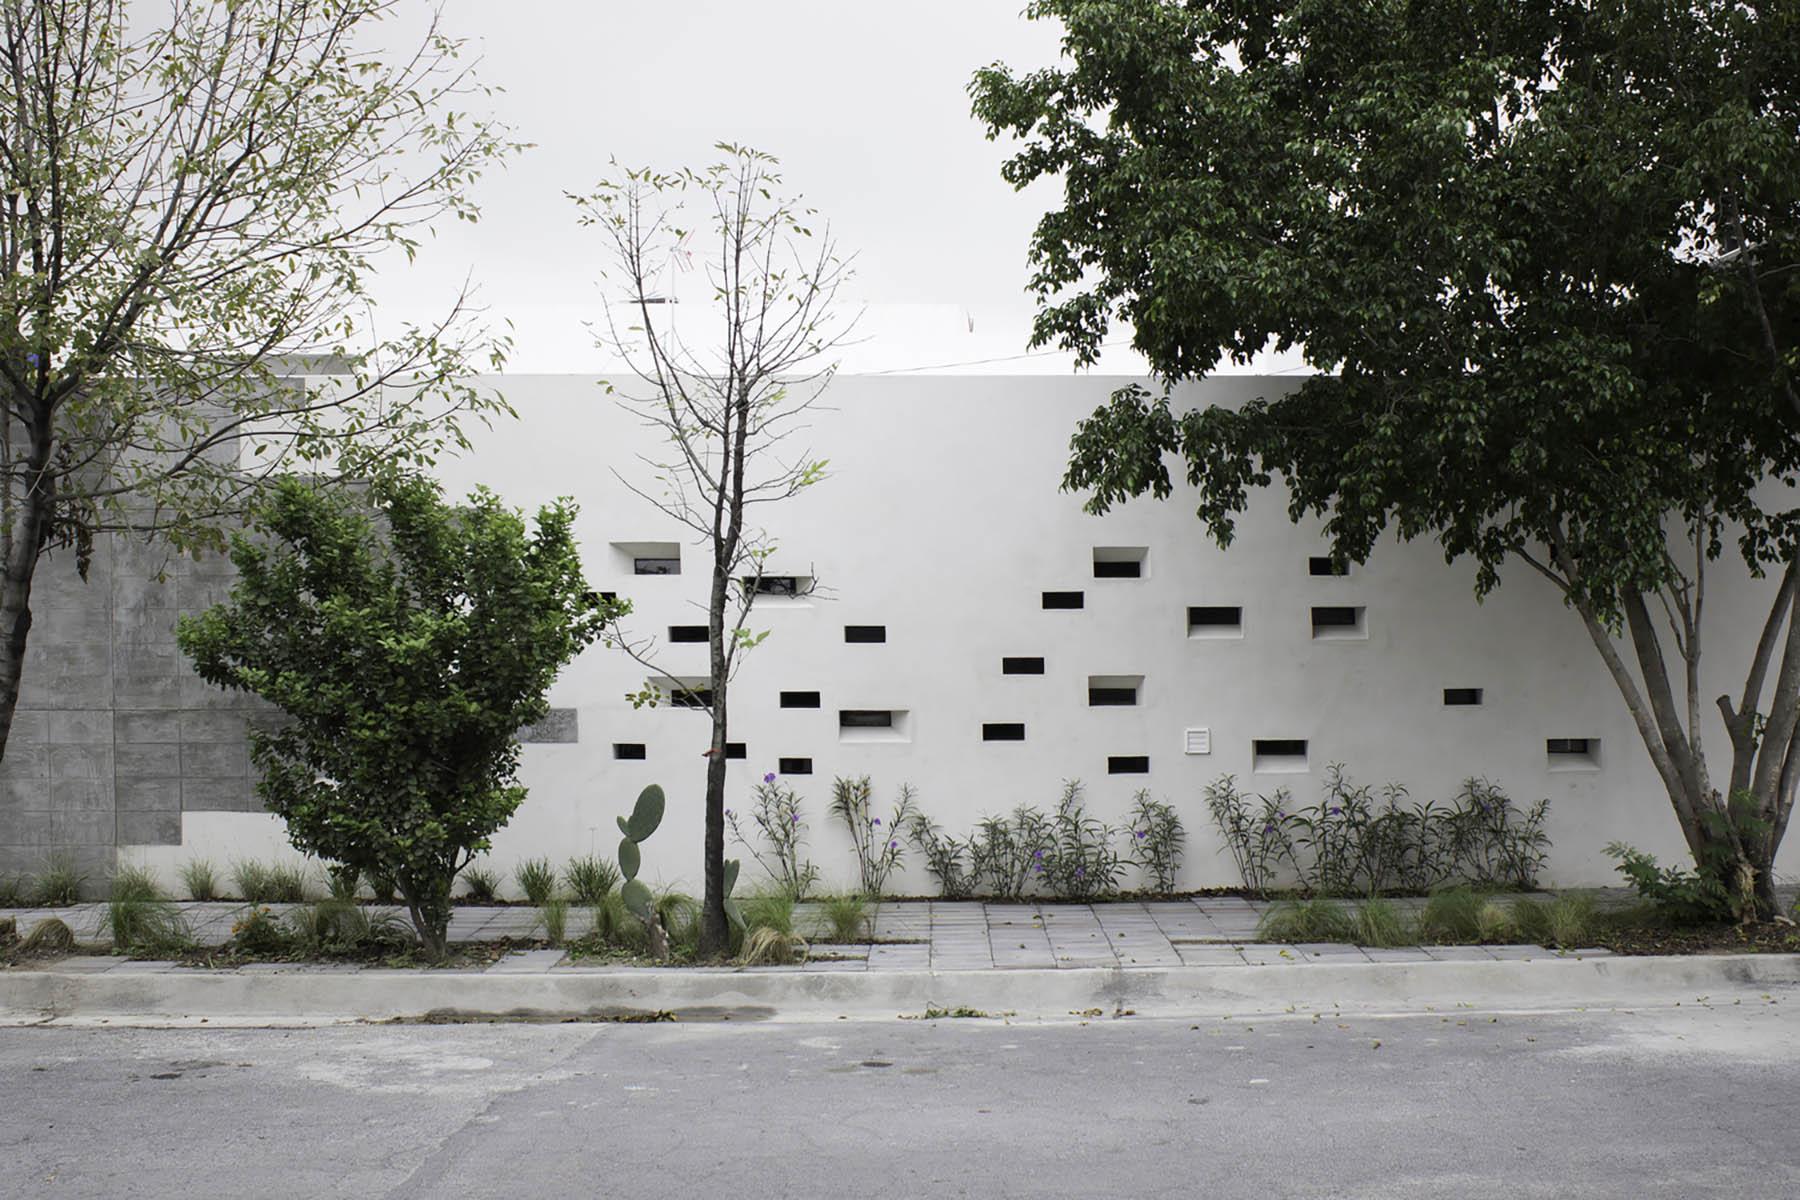 iGNANT-Architecture-Ariel-Valenzuela-And-Diego-Ledesma -Casa-Papagayo-07b